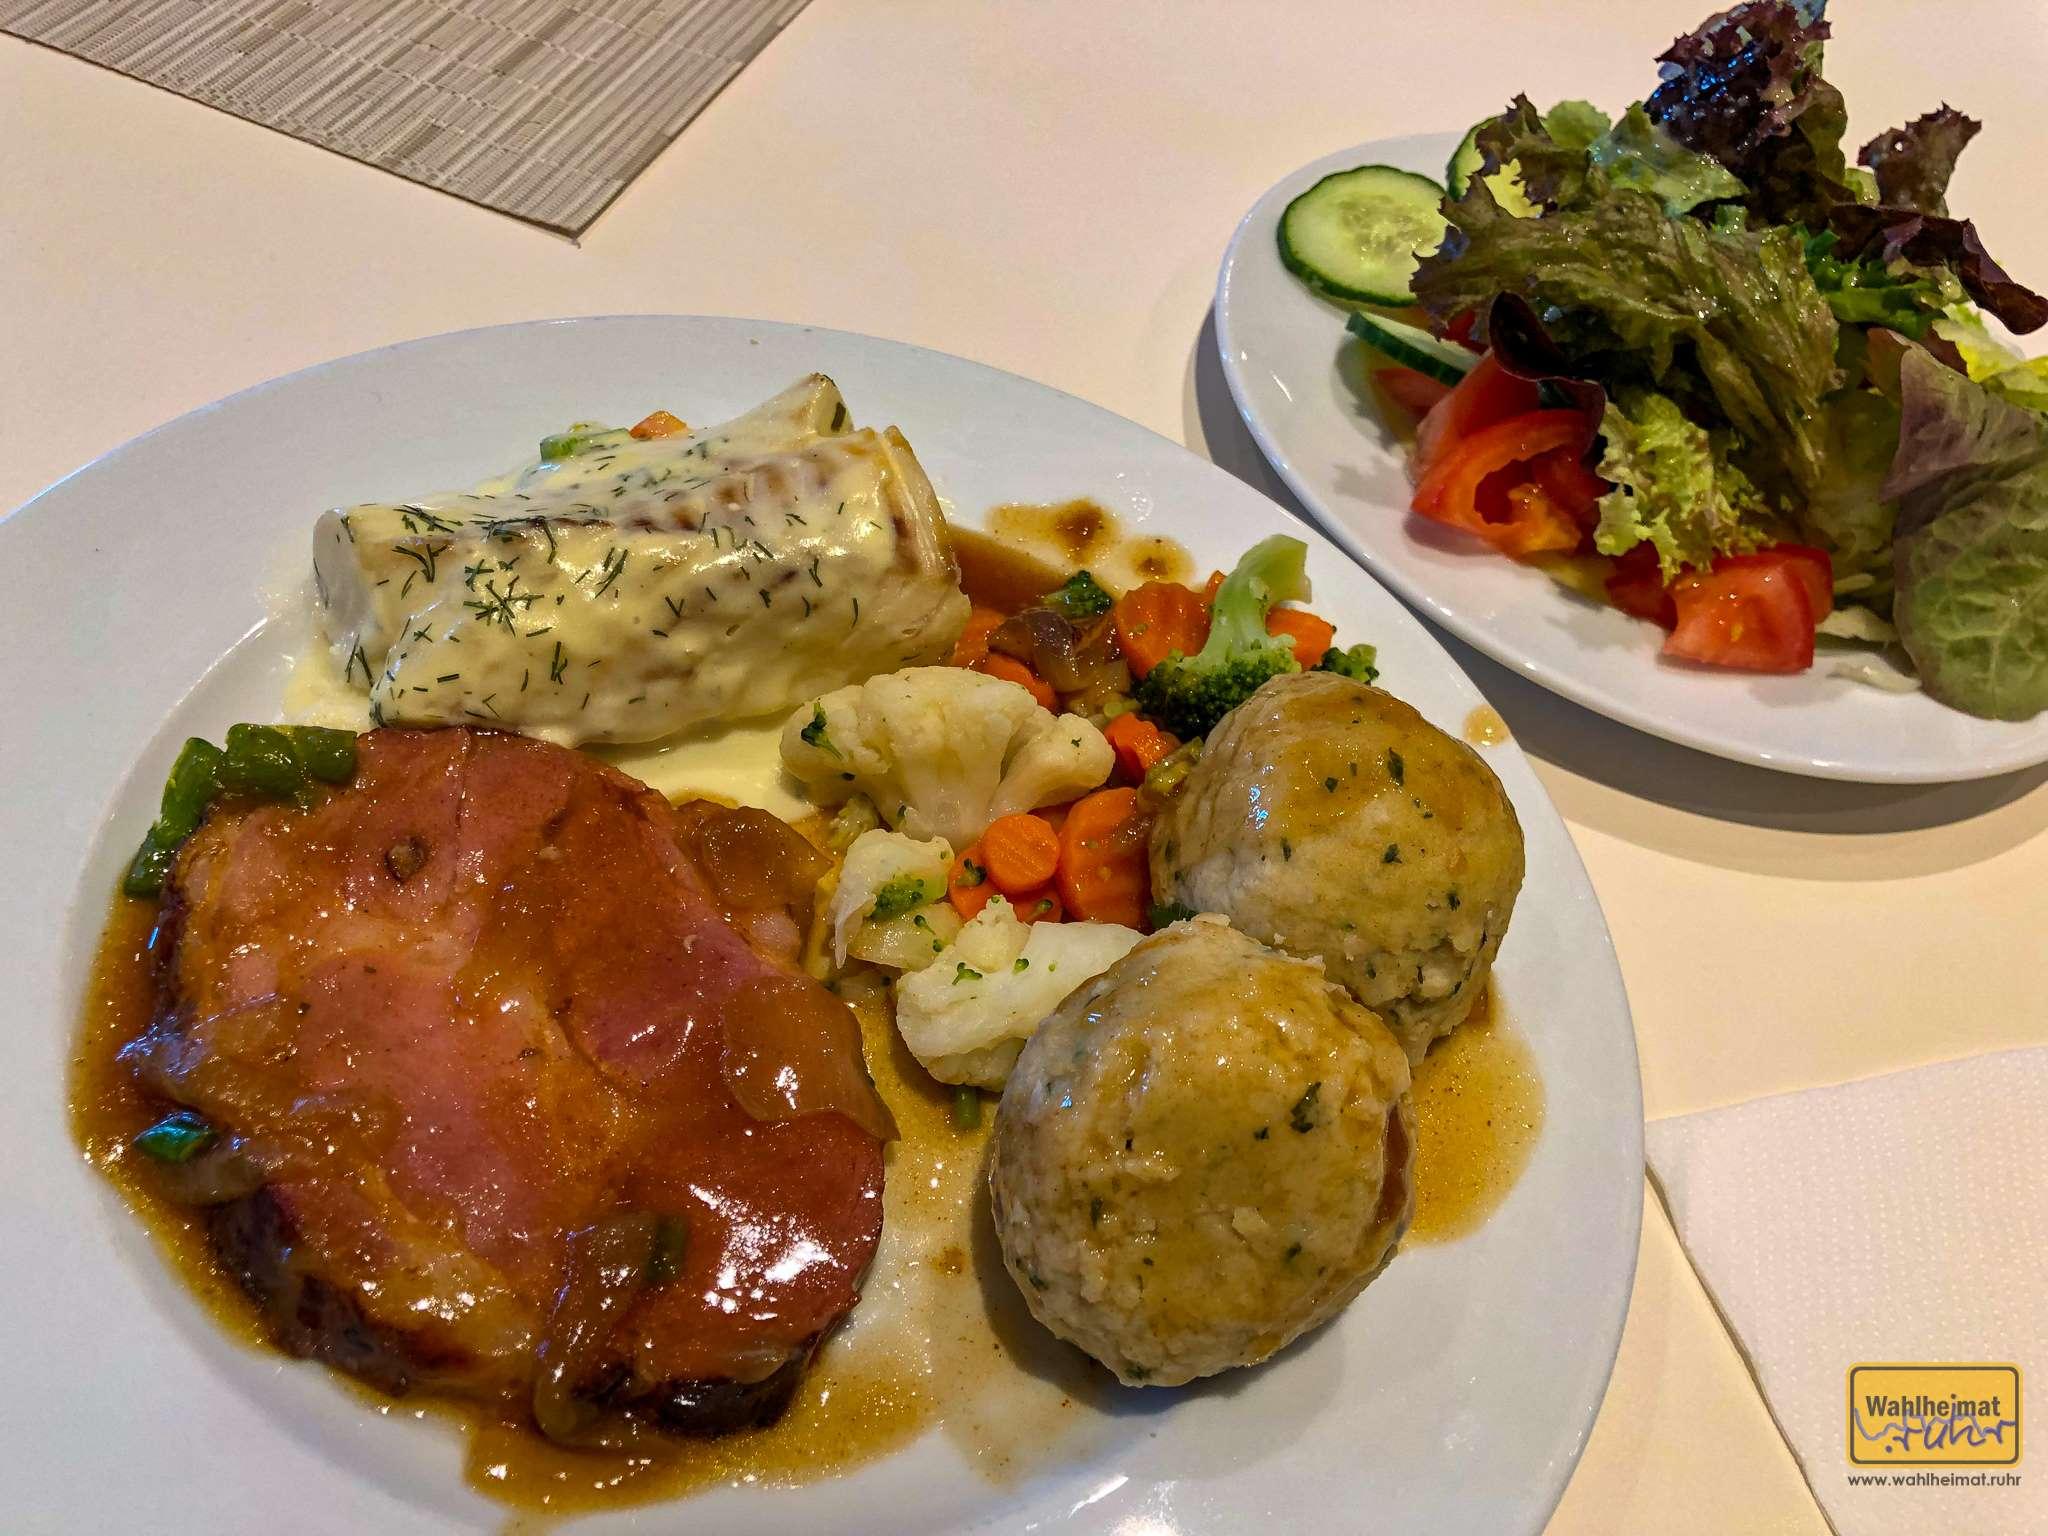 Stets gibt es mehrere Gerichte zur Auswahl.